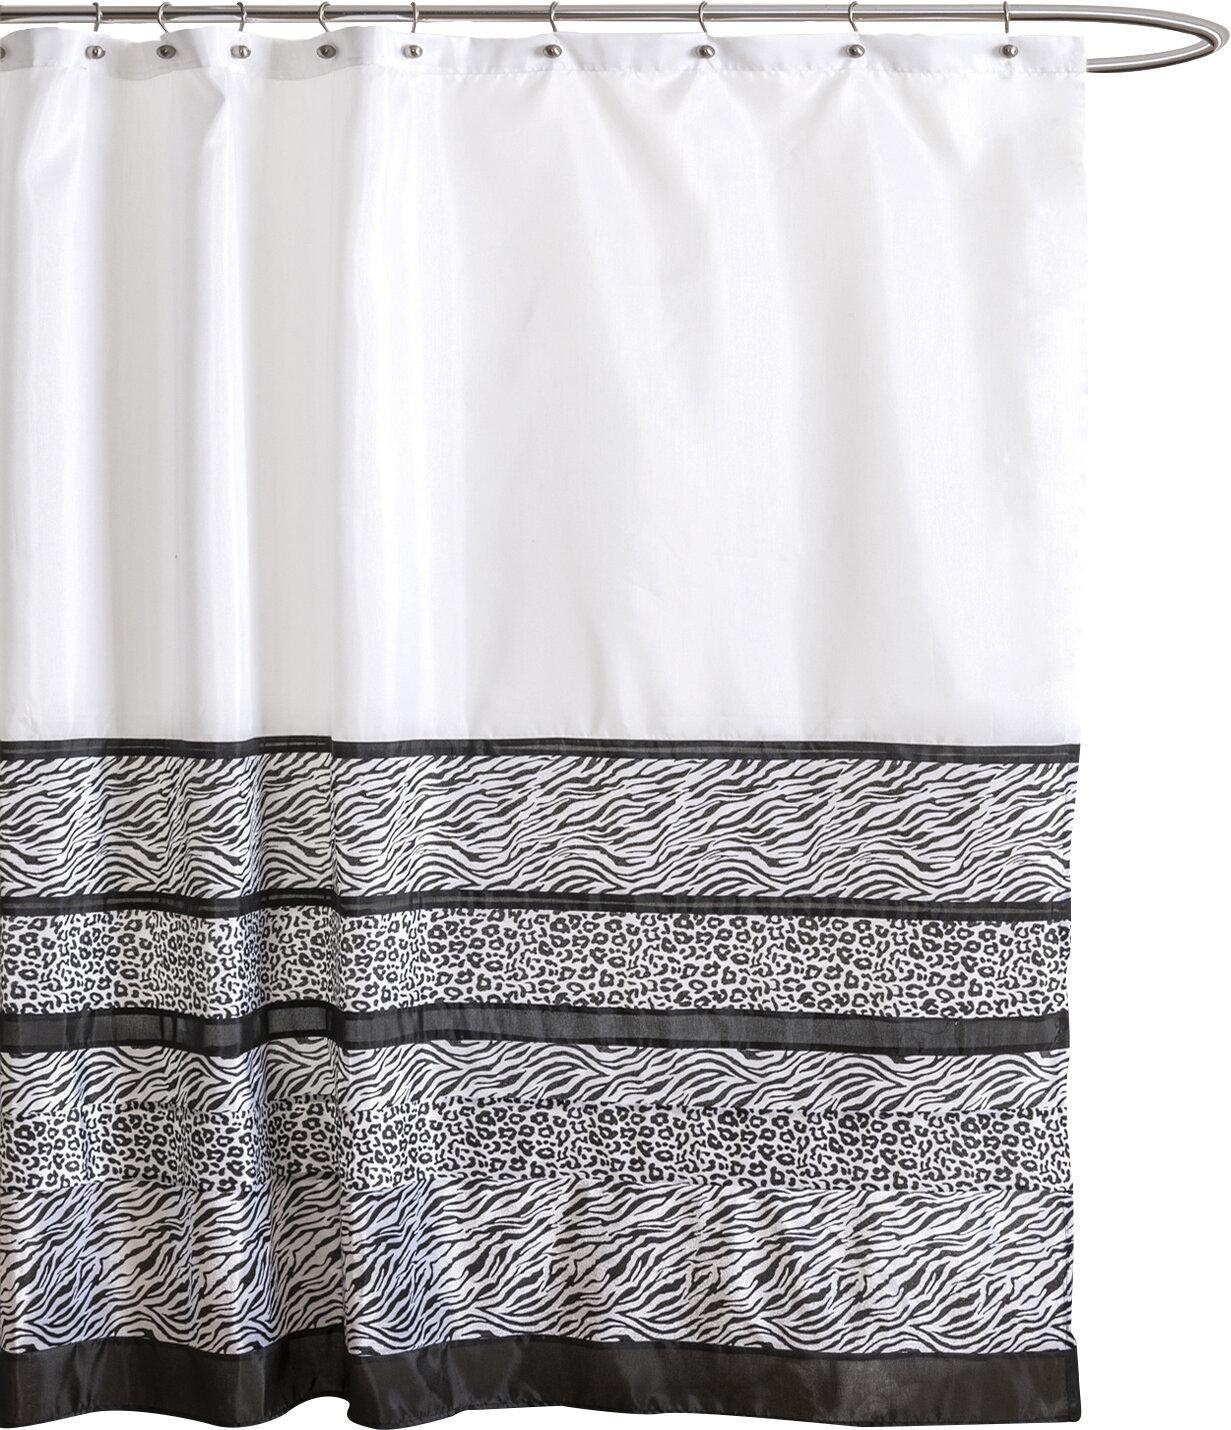 Lush Decor Tribal Dance Shower Curtain